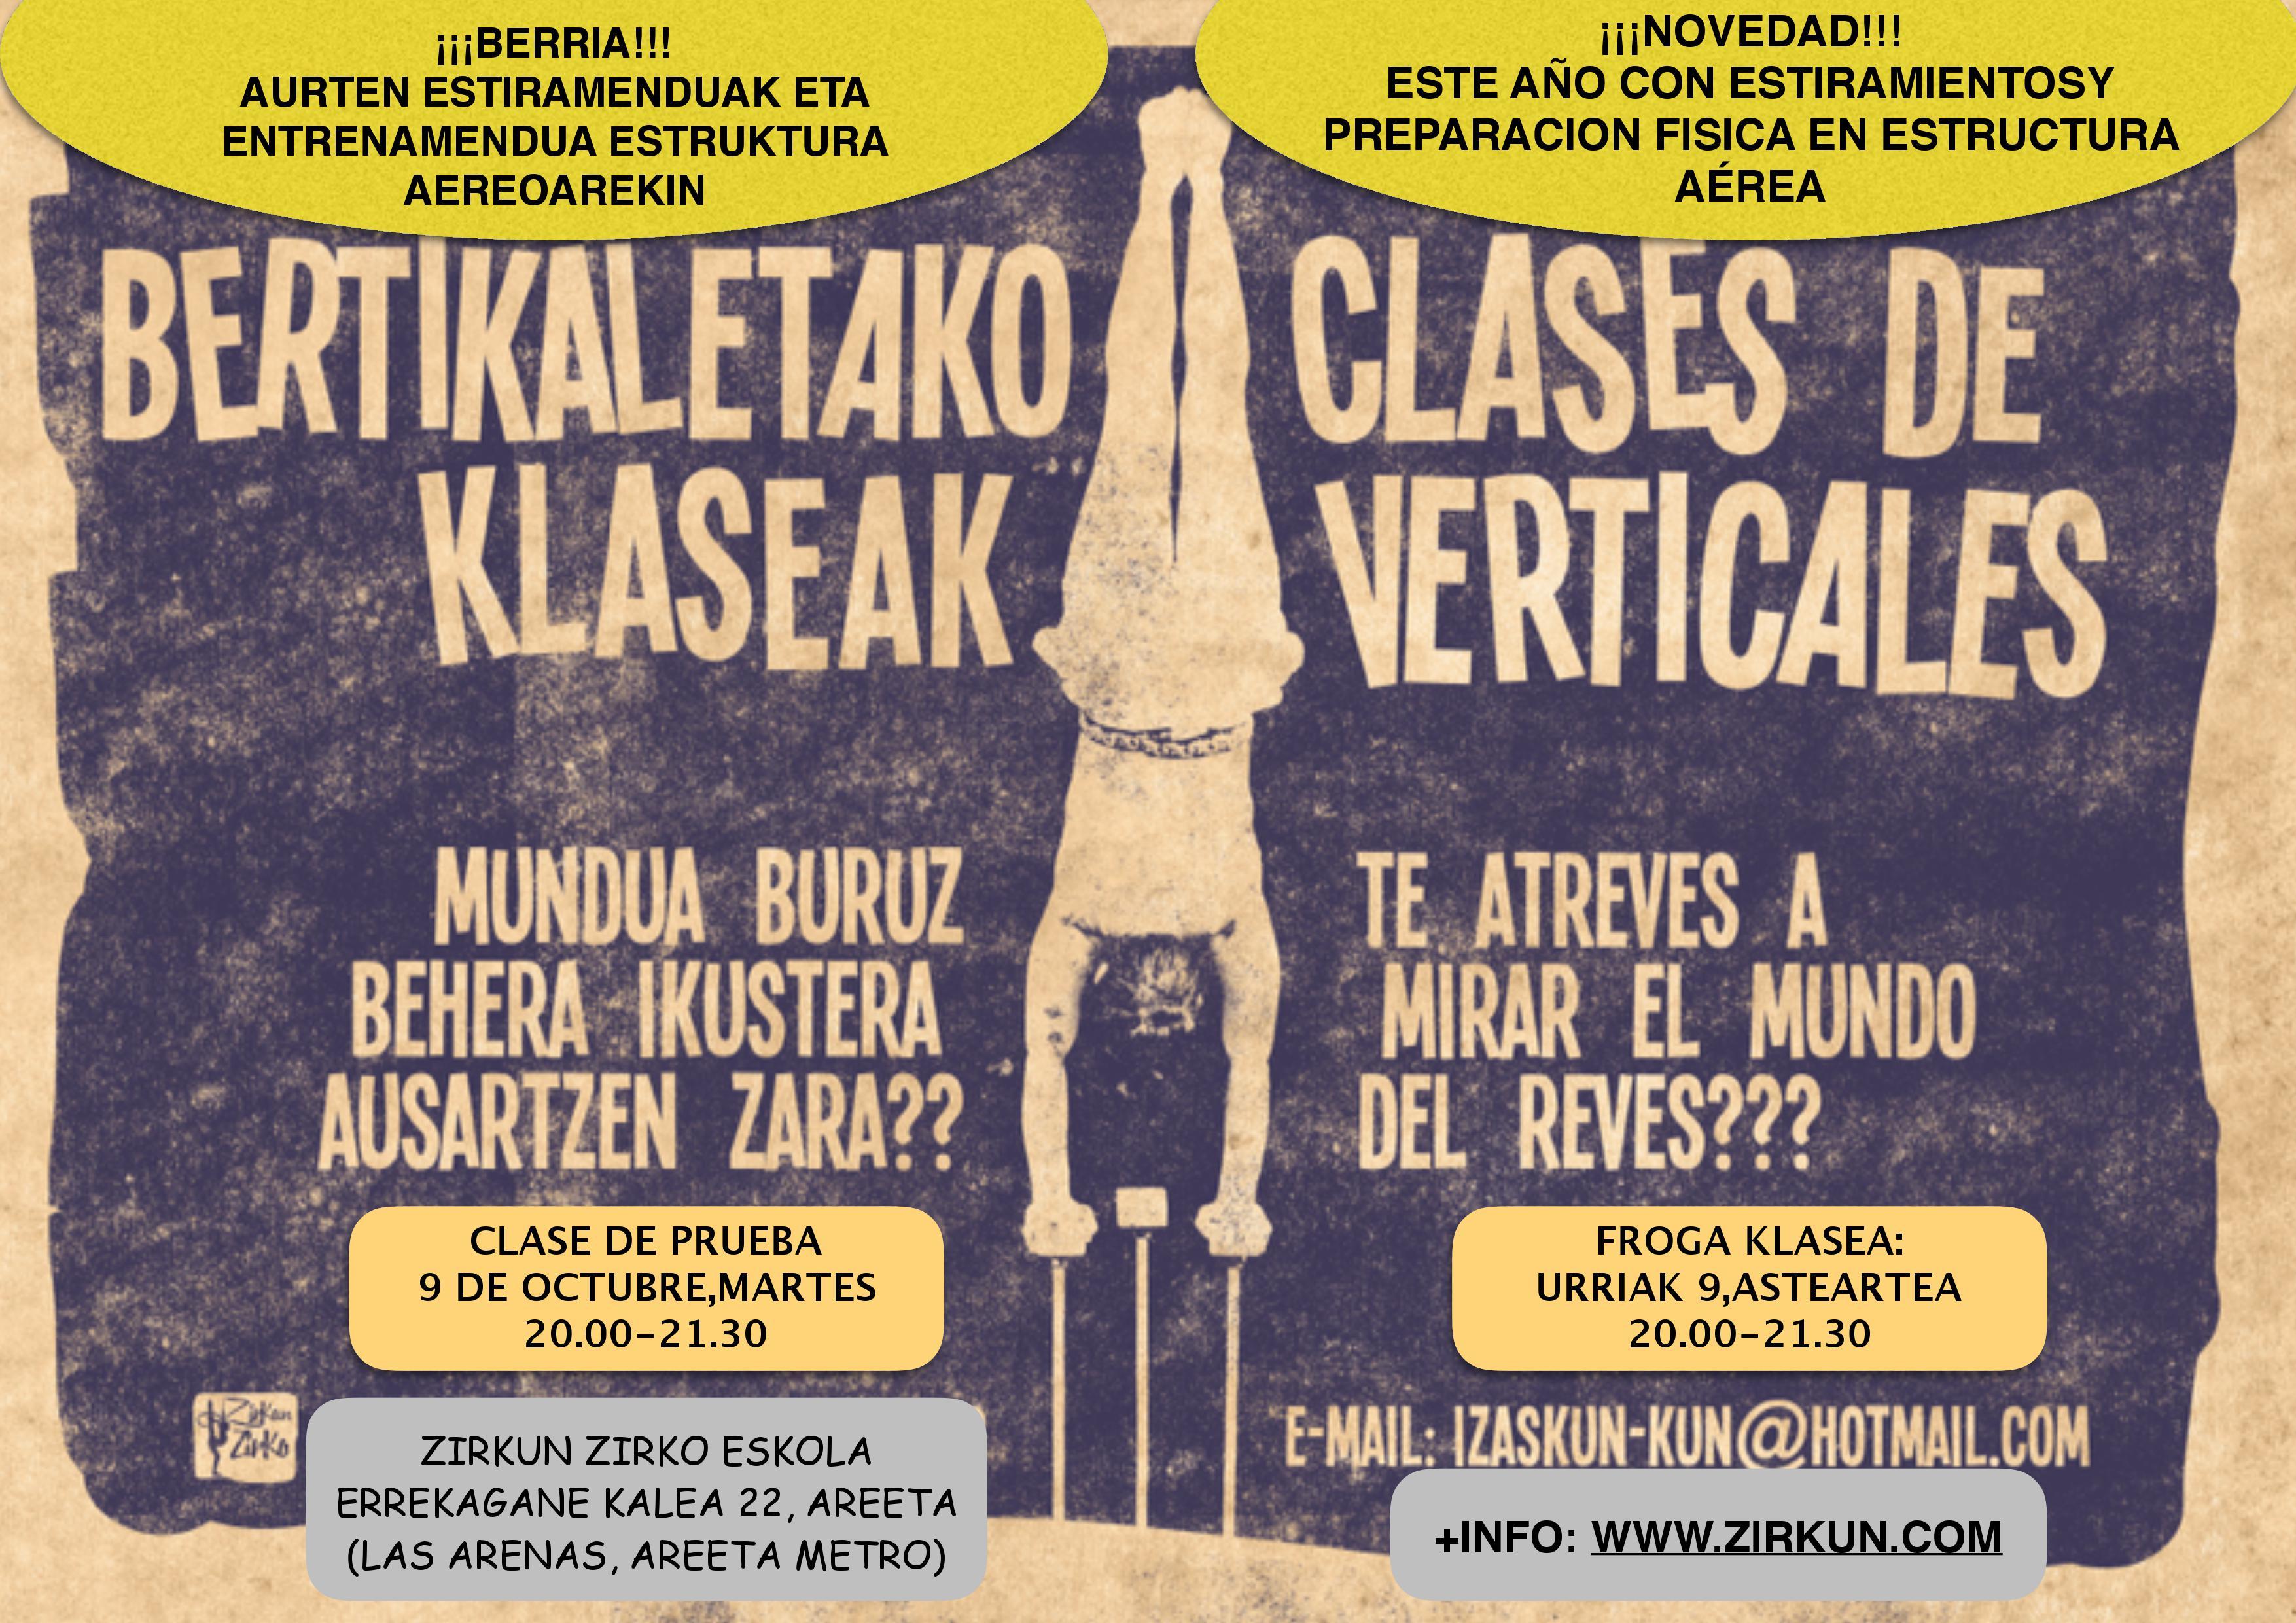 BERTIKALETAKO KLASEAK!! CLASES DE VERTICALES